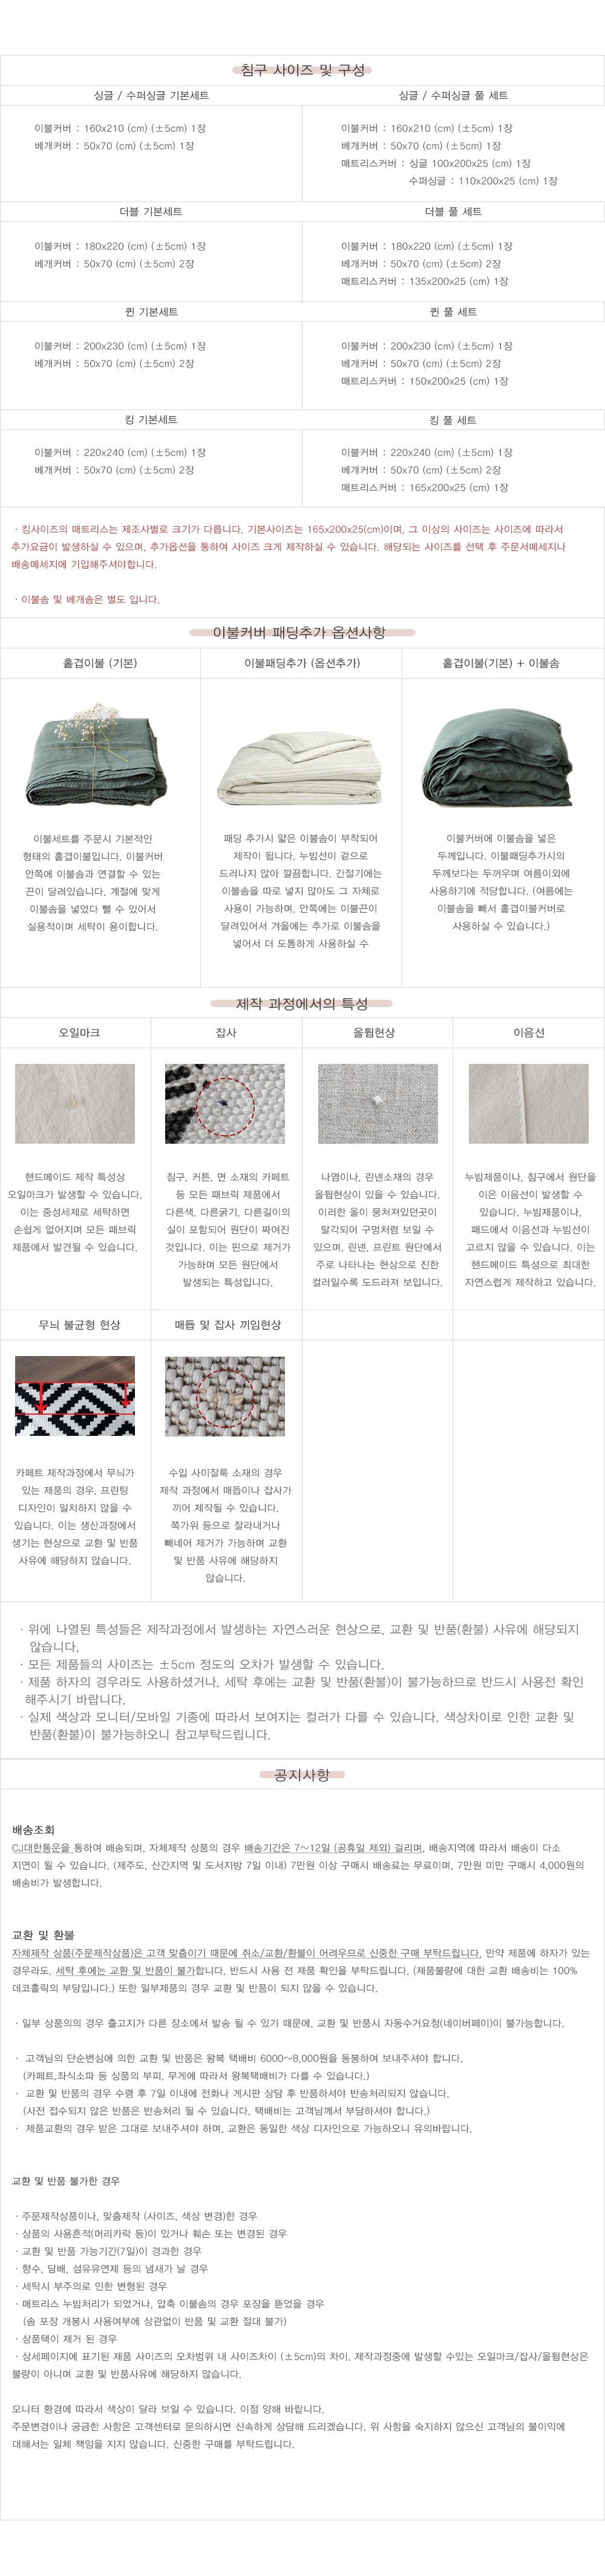 에스닉 빈티지 사계절 거실 대형 루프 포인트 카페트 (베이지) (200x290cm) - 데코홀릭, 400,800원, 디자인러그, 디자인러그